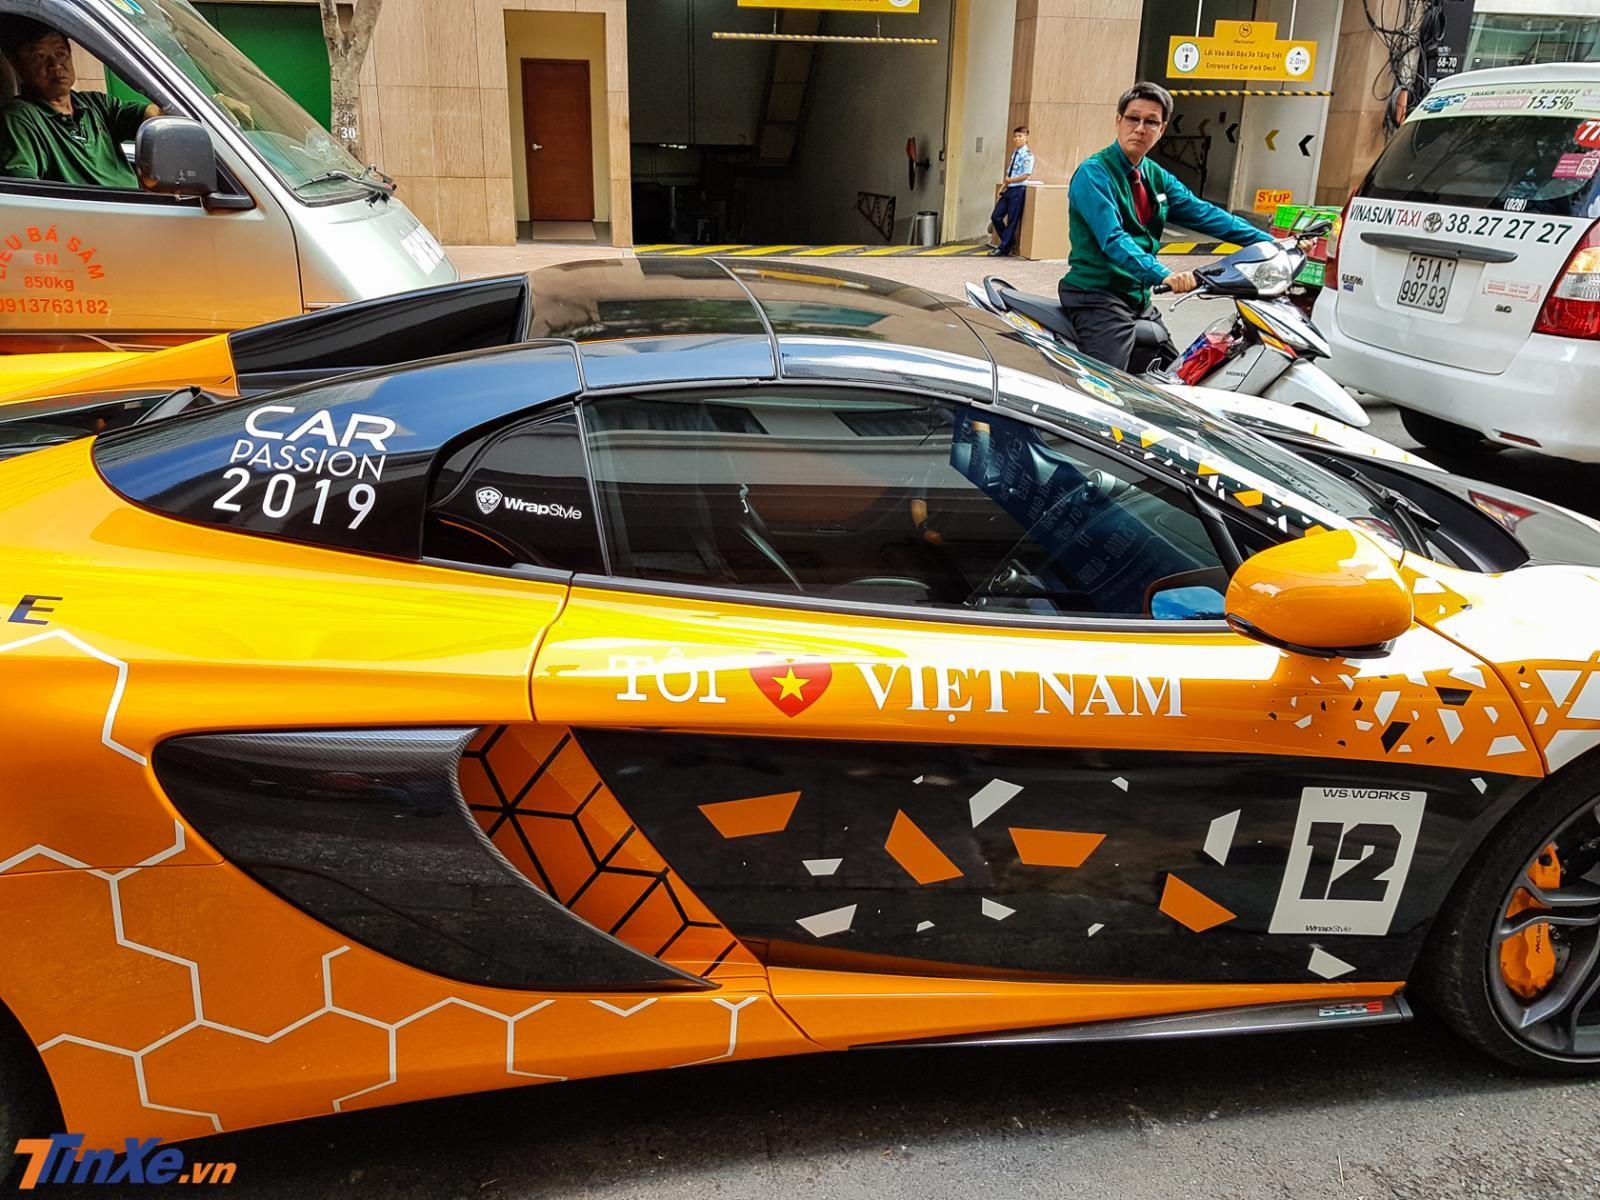 Cận cảnh bộ áo mới bên hông xe của chiếc McLaren 650S Spider